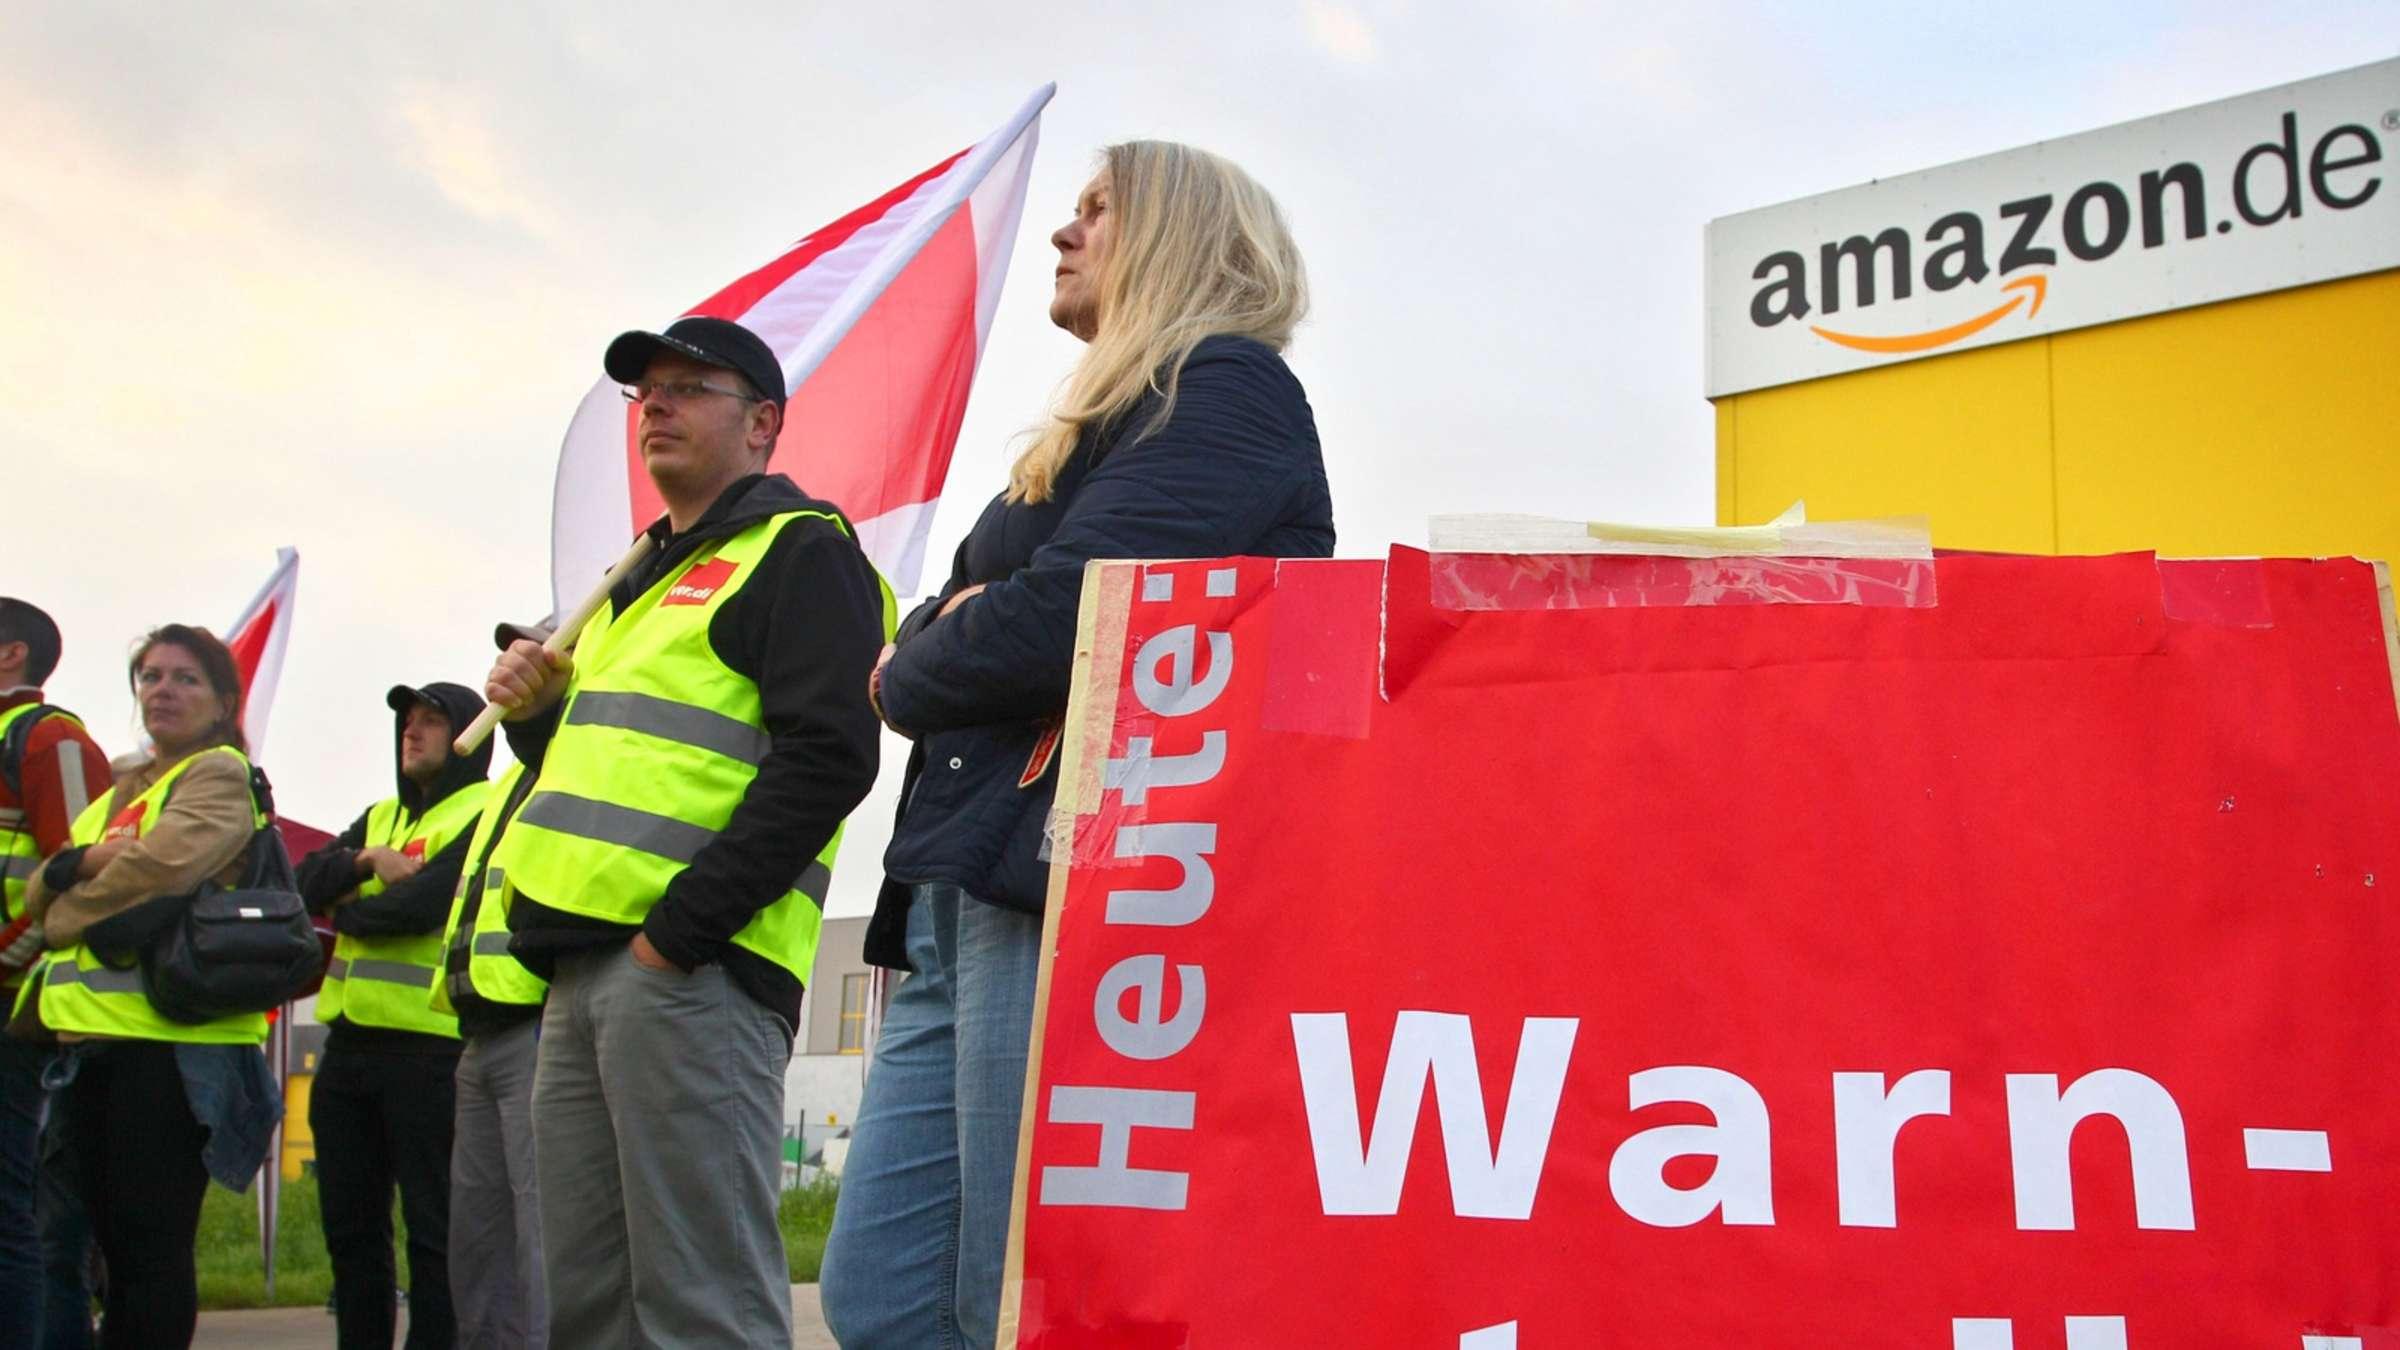 Streiks bei Amazon haben begonnen   WIRTSCHAFT